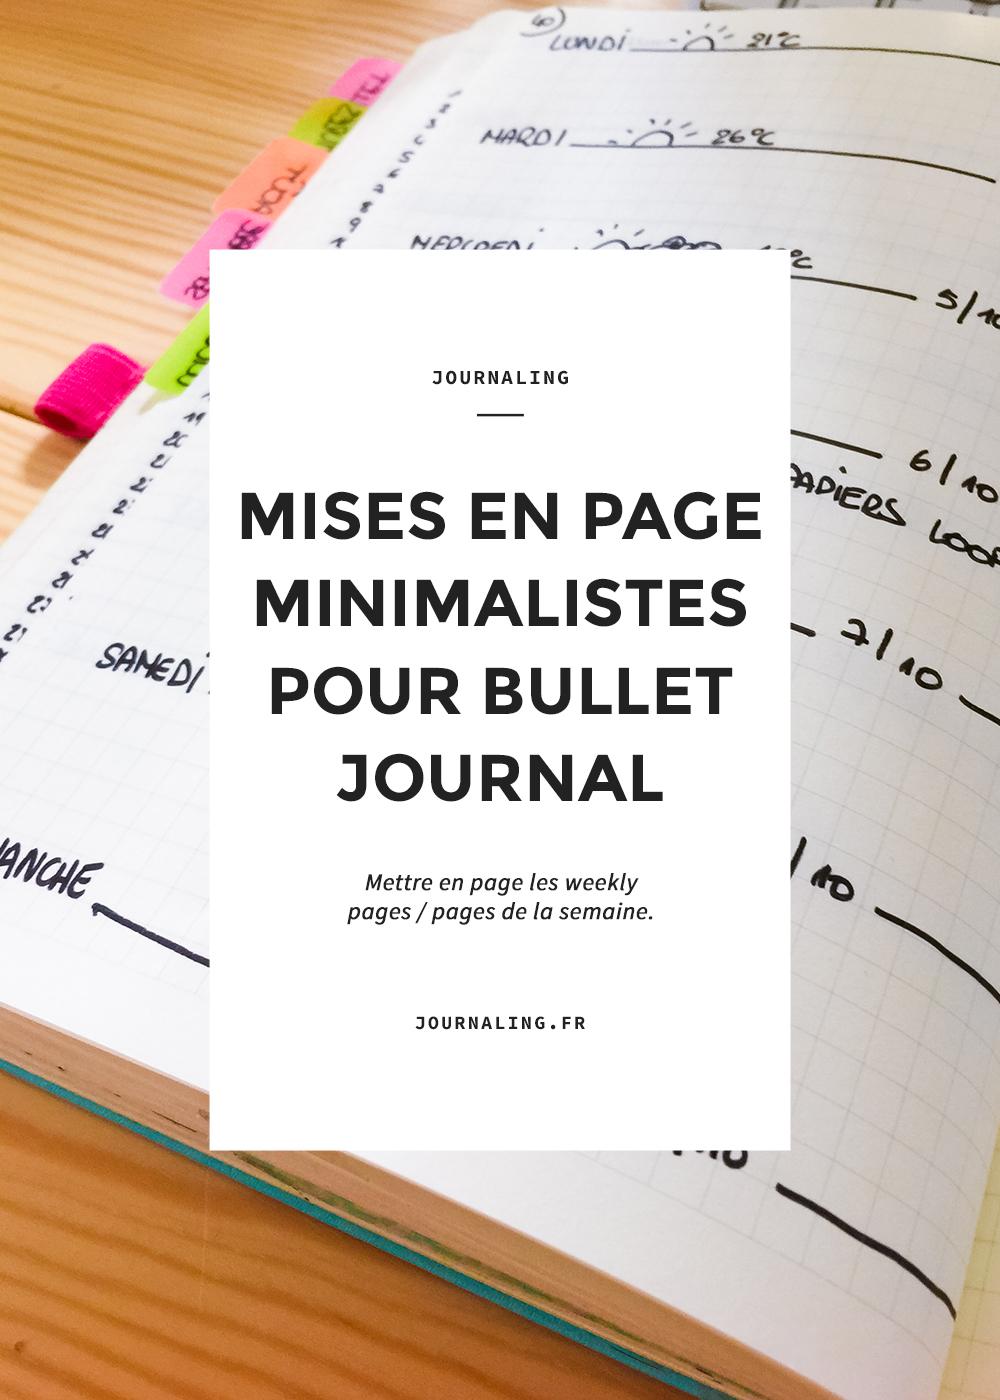 Bullet Journal minimaliste: 4 idées pour présenter votre semaine + tips